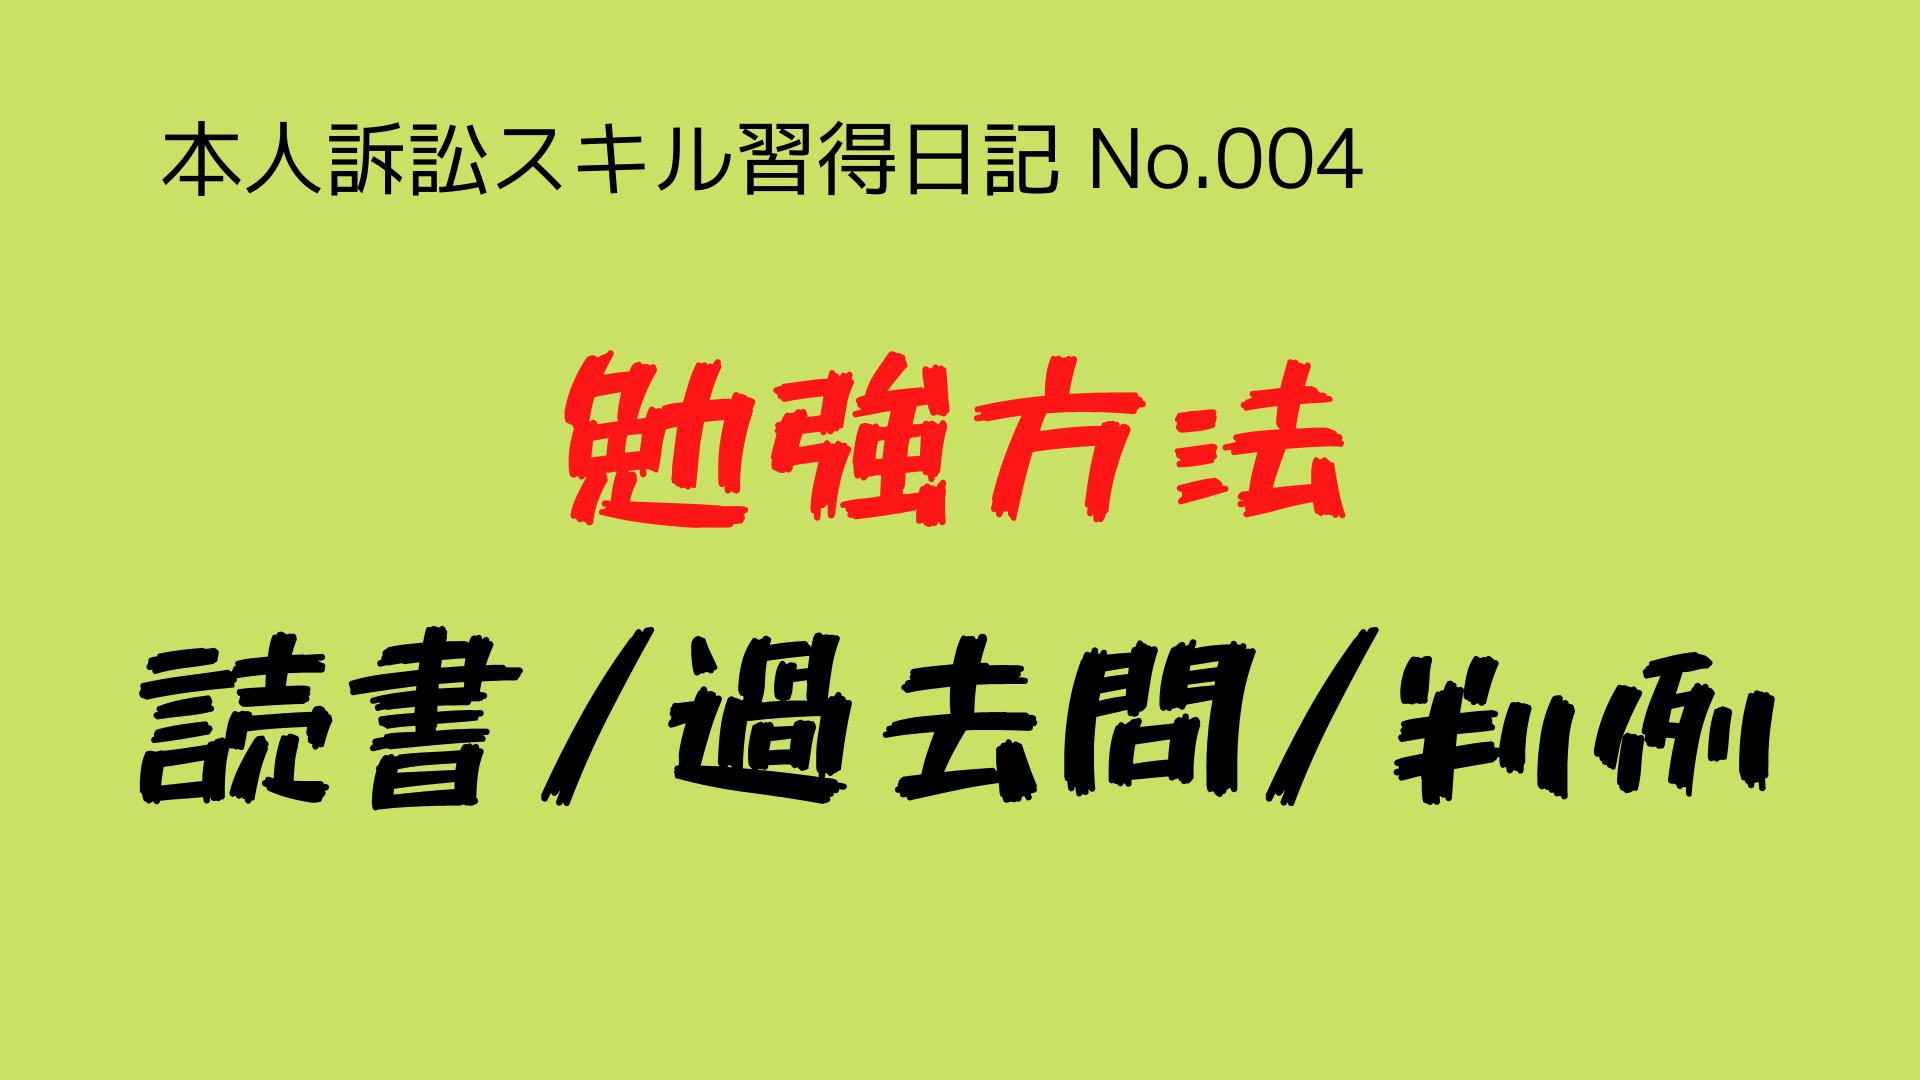 (本人訴訟スキル習得日記-No.004)本人訴訟スキル習得に向けた勉強方法